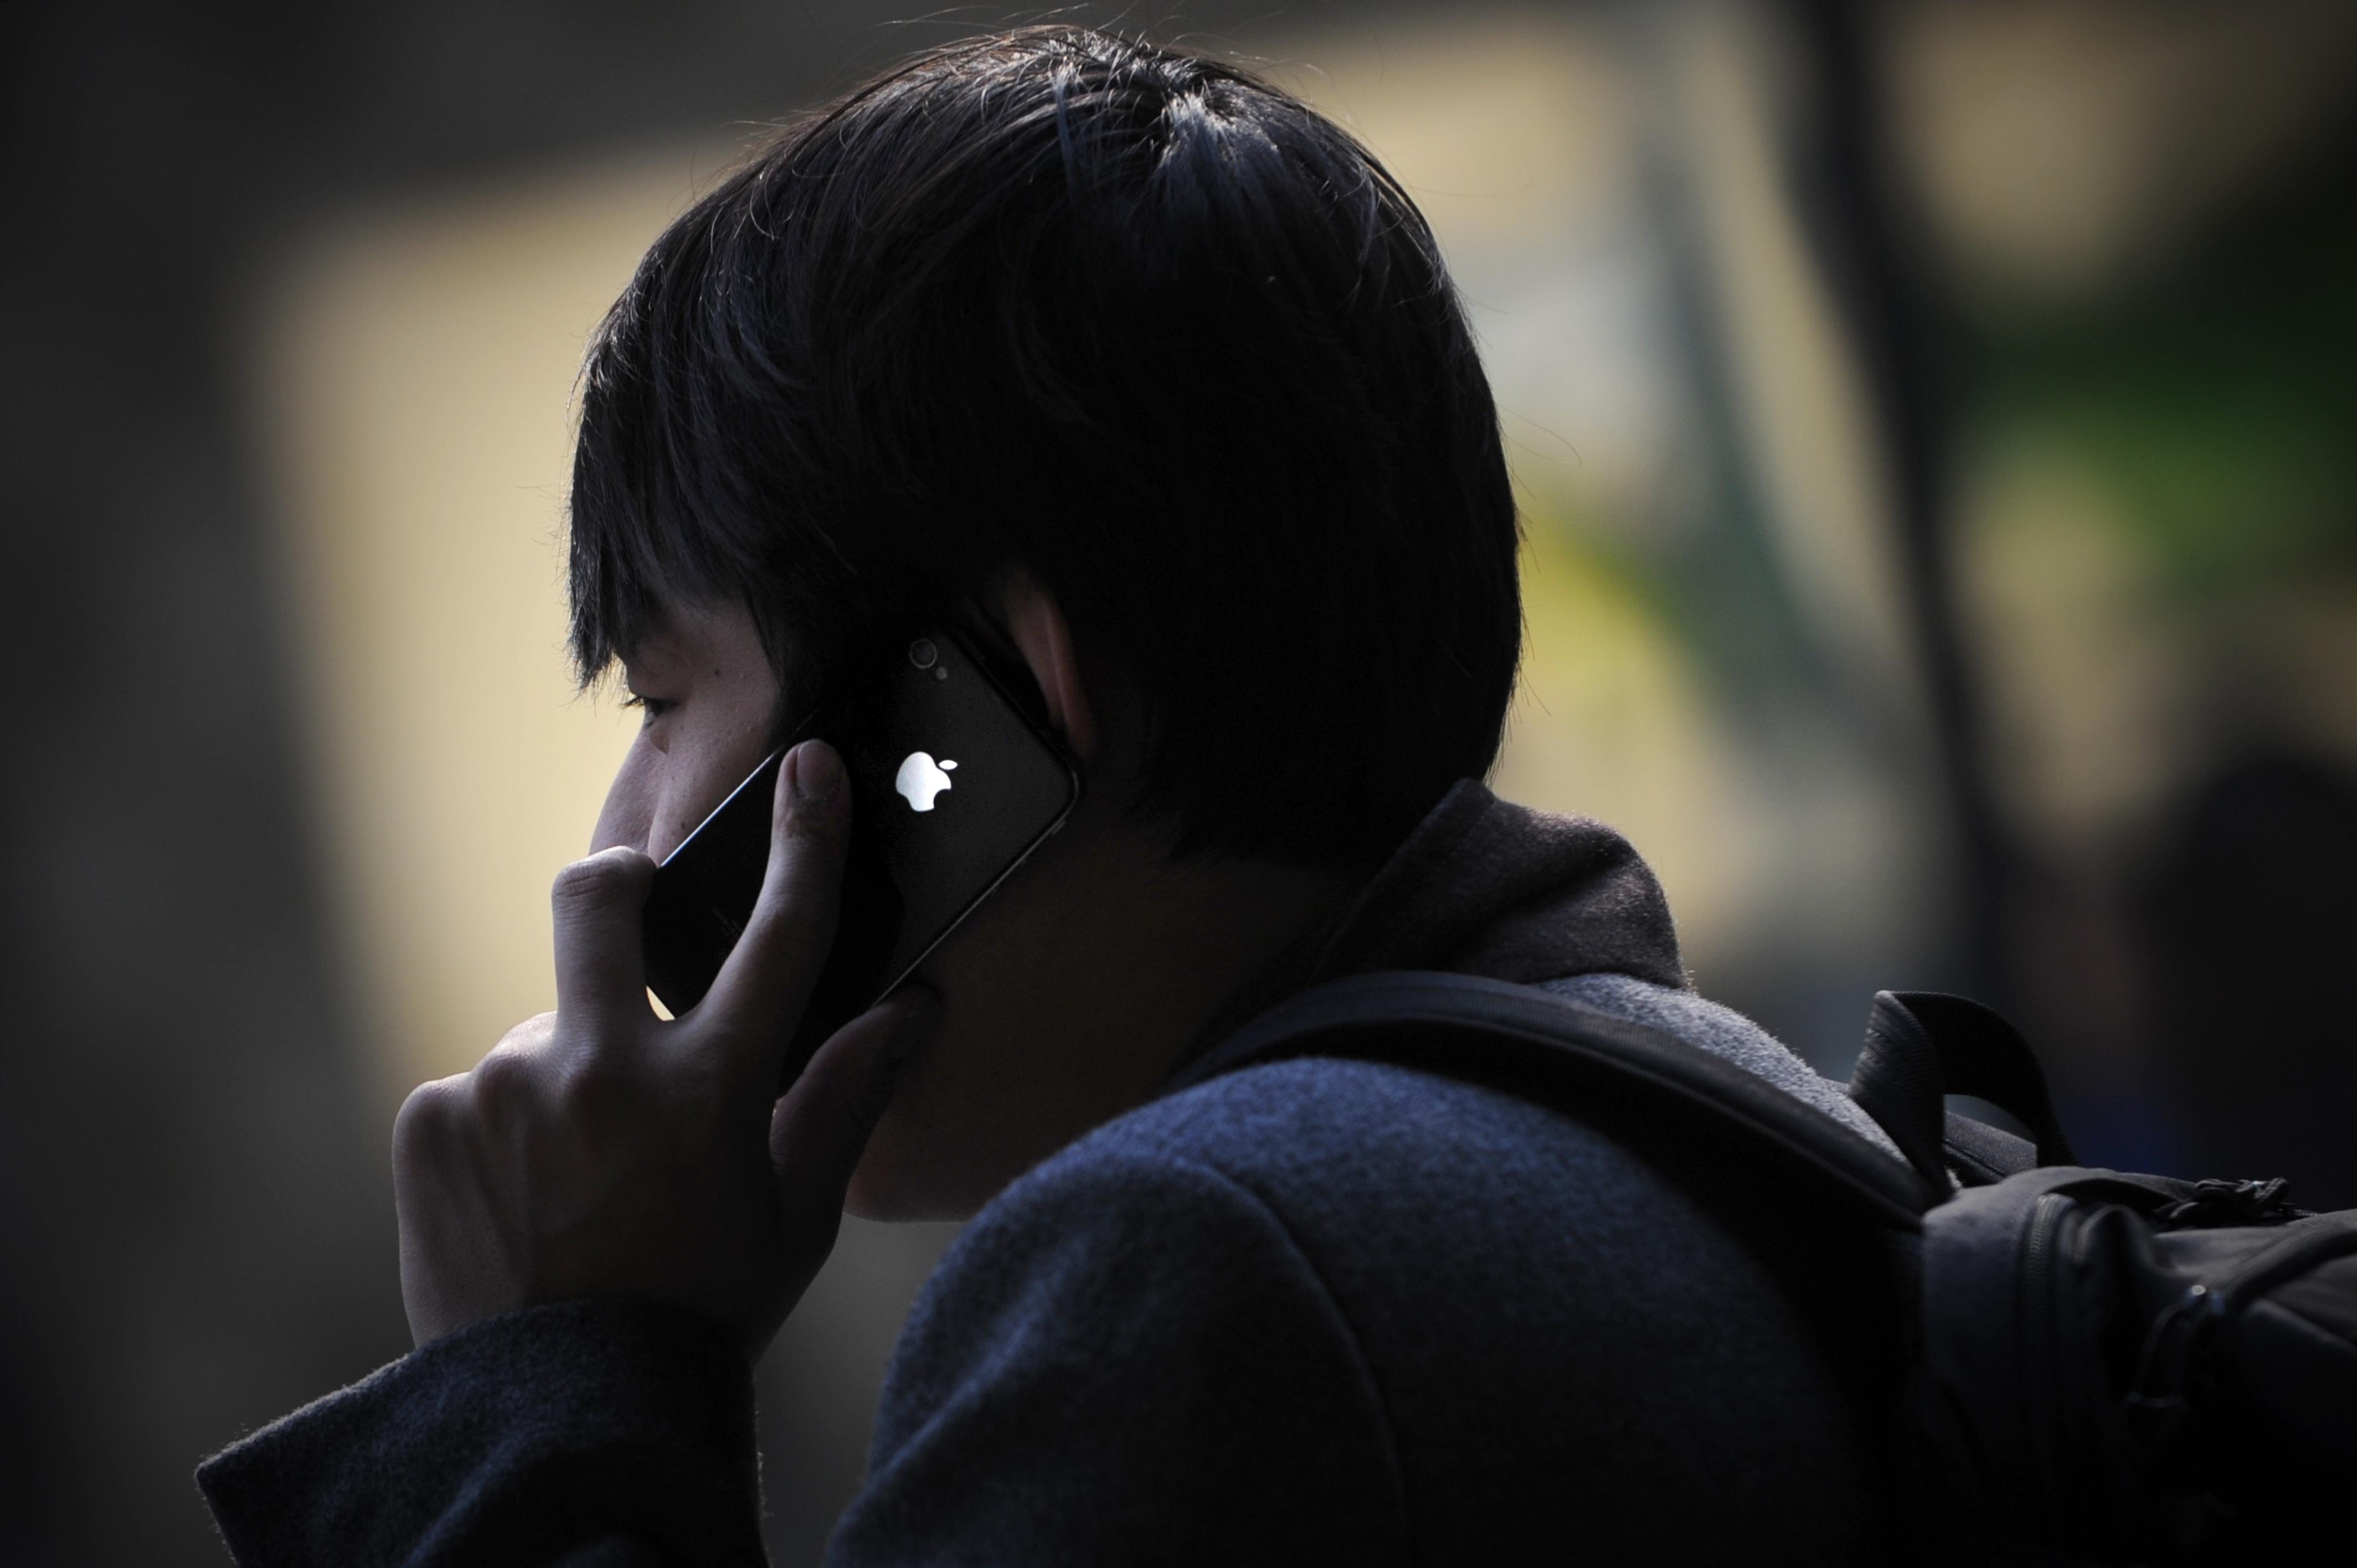 IPhoneSE стал самым продаваемым телефоном в Российской Федерации